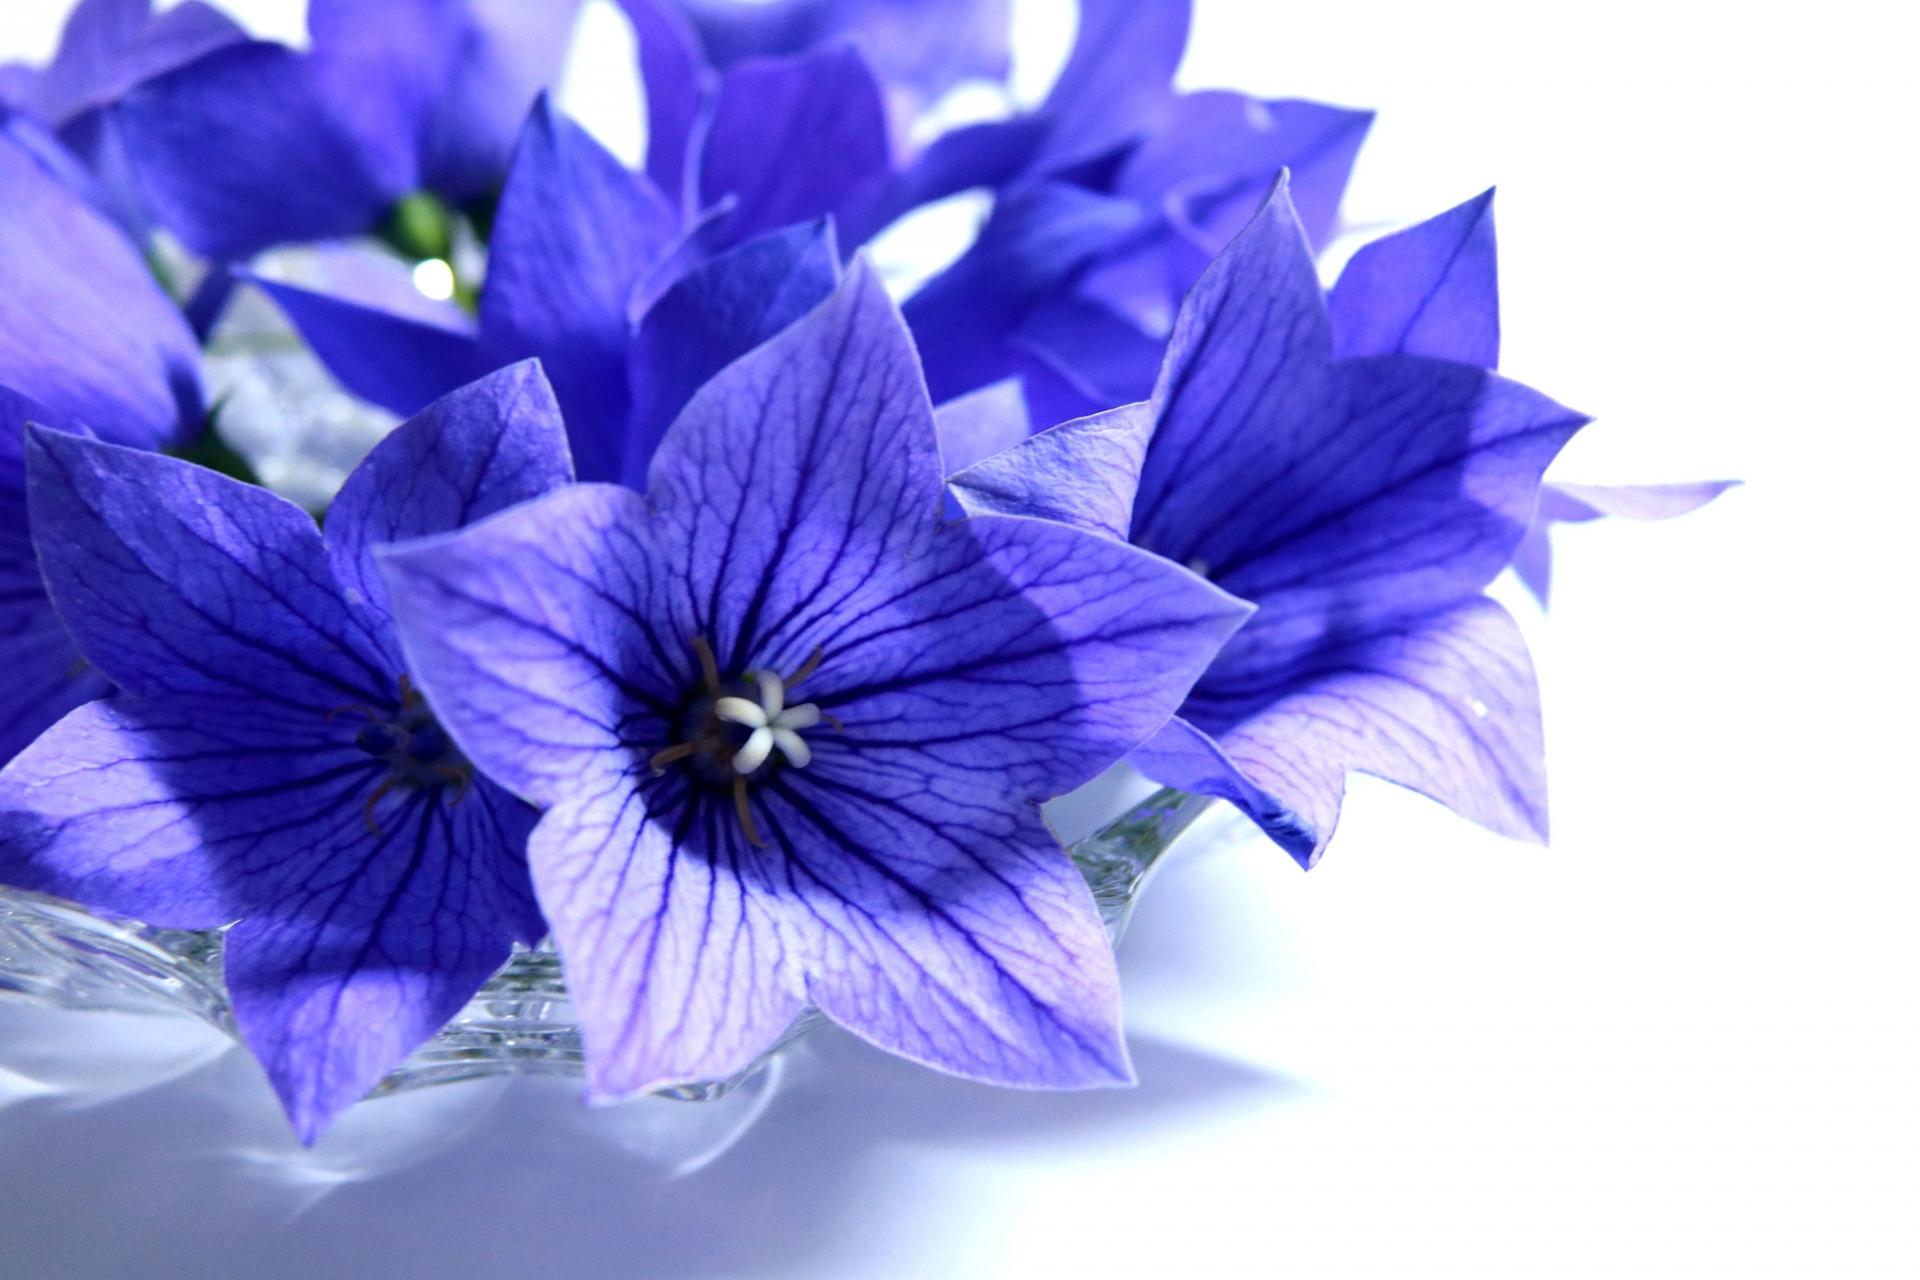 花言葉が「愛してる・永遠」という素敵な意味をもつ可憐な花